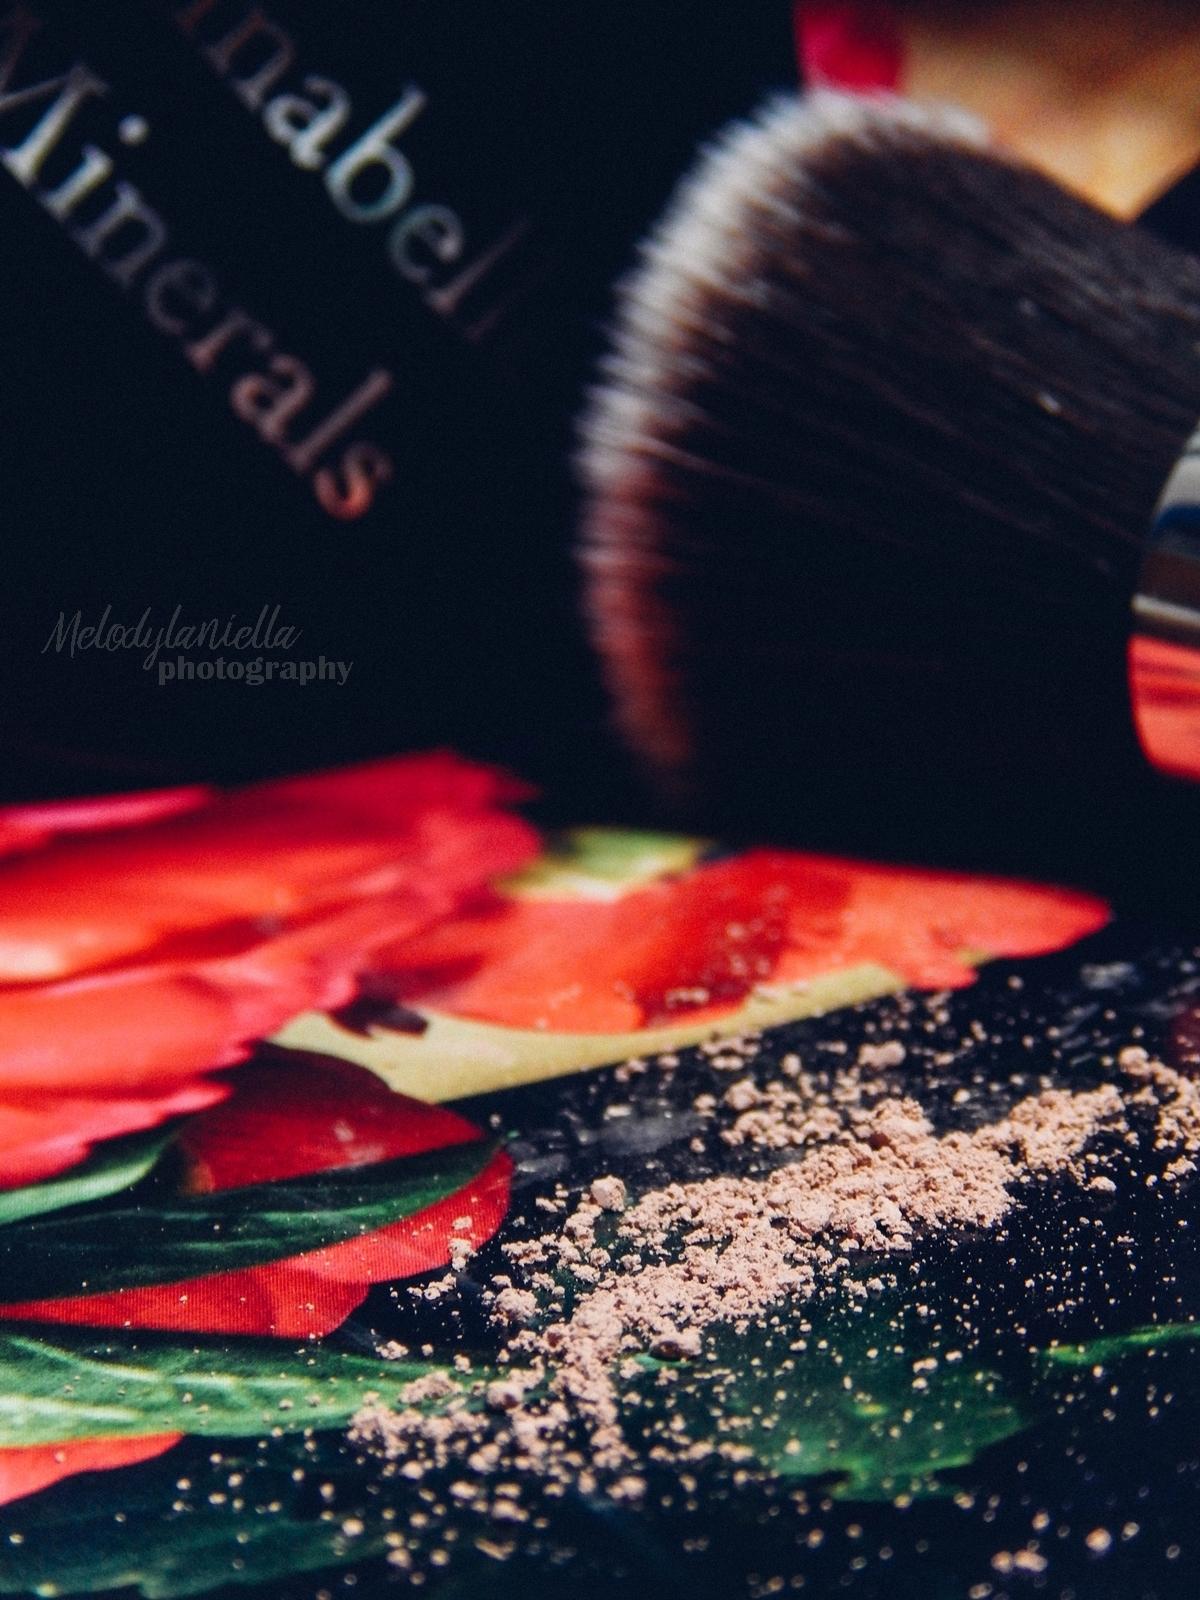 annabelle minerals kosmetyki mineralne zestaw matujący korektor podkład róż gratis pędzel jak używać kosmetyków mineralnych recenzja melodylaniella korektor mineralny